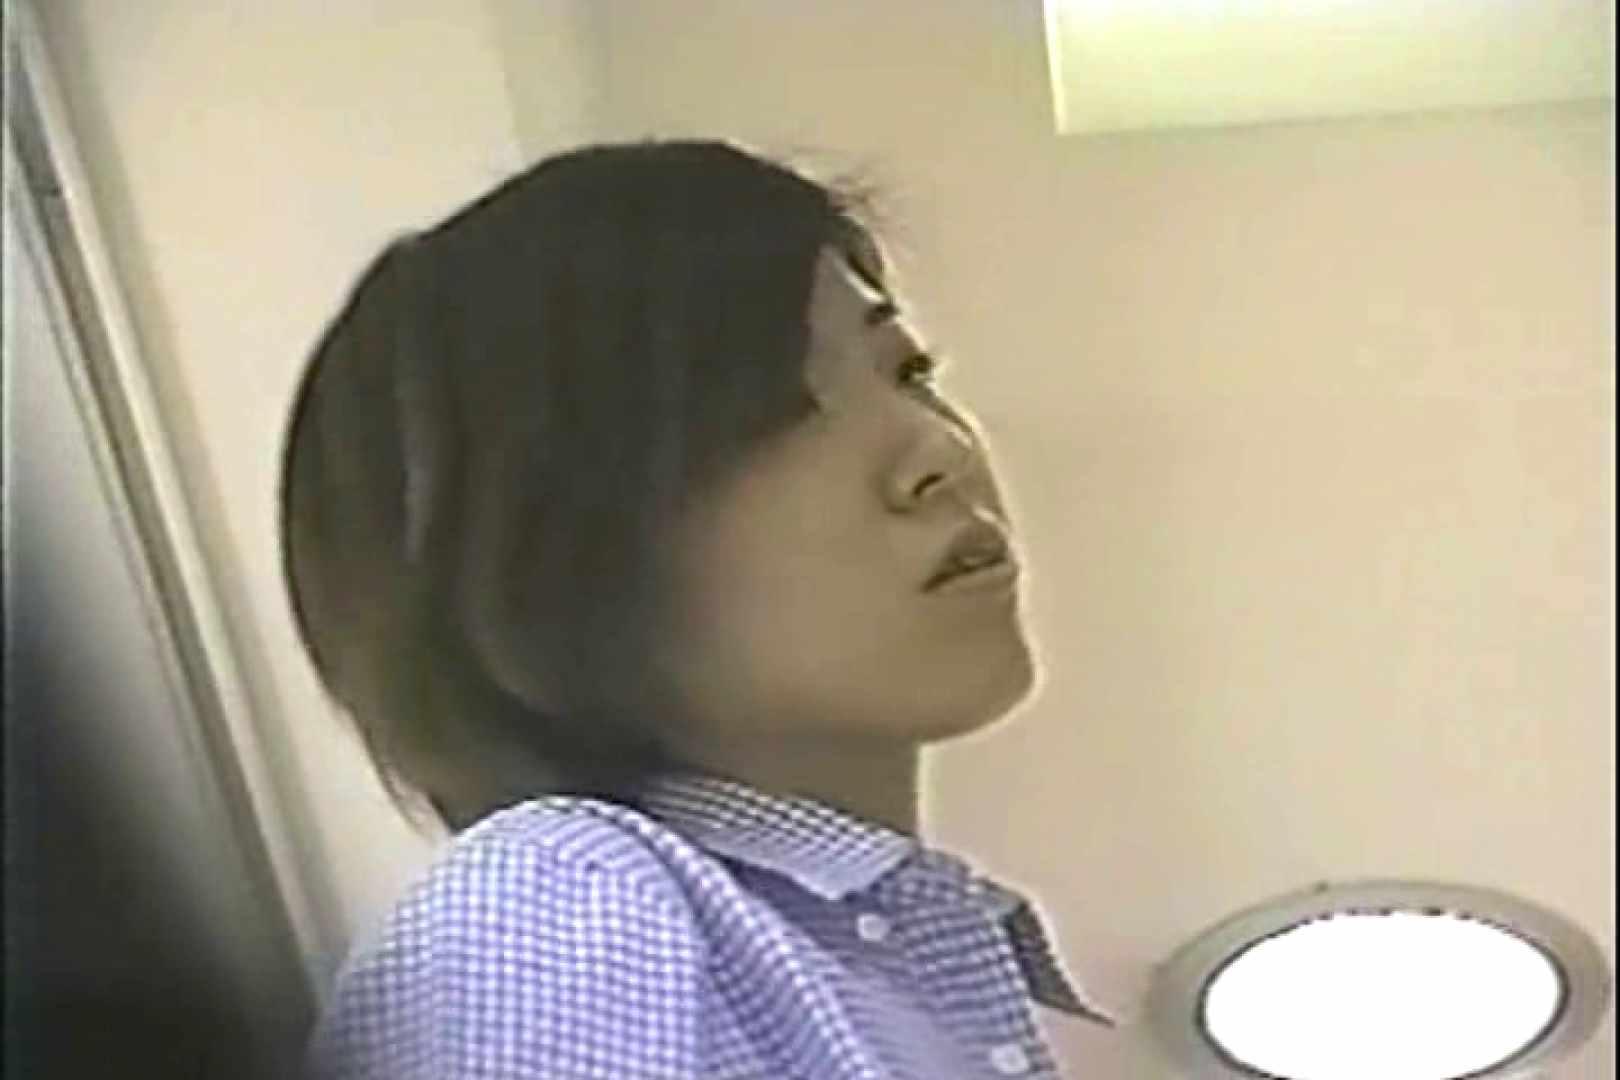 「ちくりん」さんのオリジナル未編集パンチラVol.3_01 下半身 オメコ無修正動画無料 63PICs 40